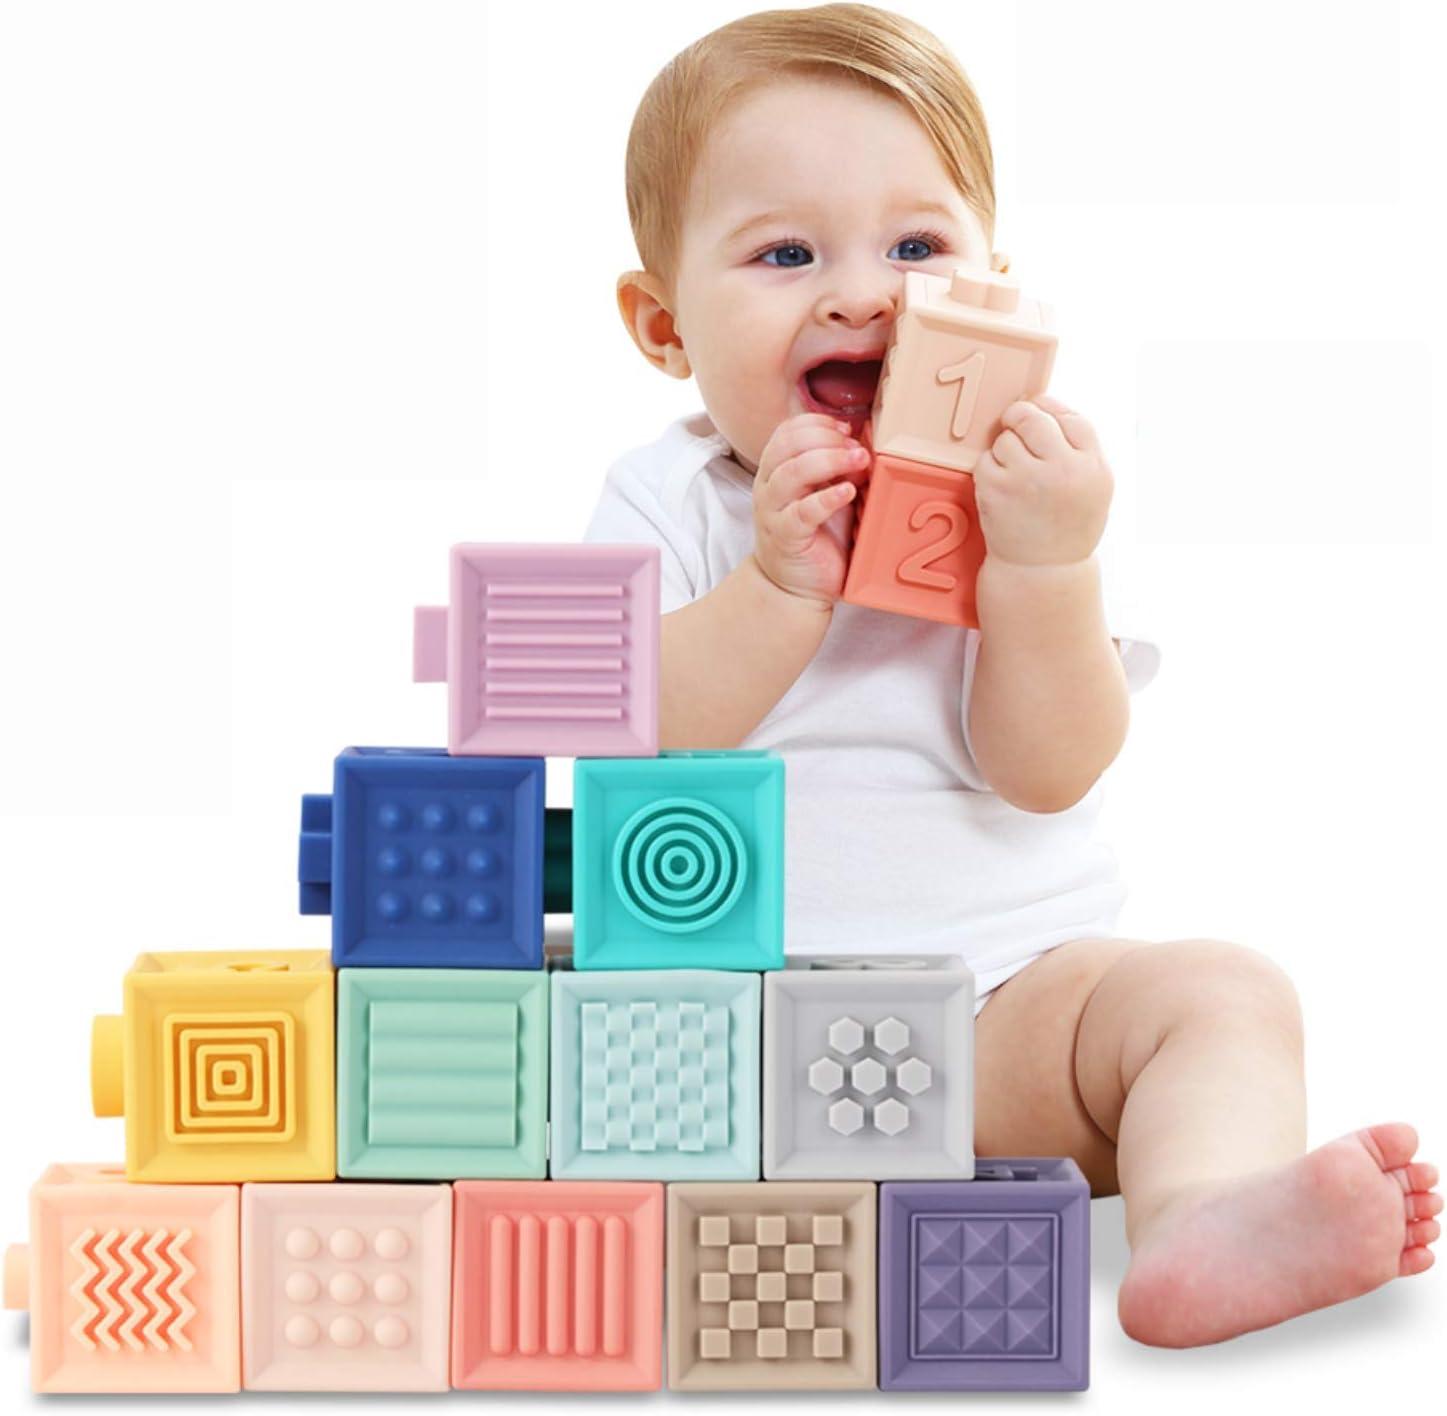 Tumama Bloques de bebé Bloques de construcción Suaves Juguetes de bebé Mordedores Juguete Educativo Jugar con números Animales Formas de Texturas 6 Meses y más 12PCS